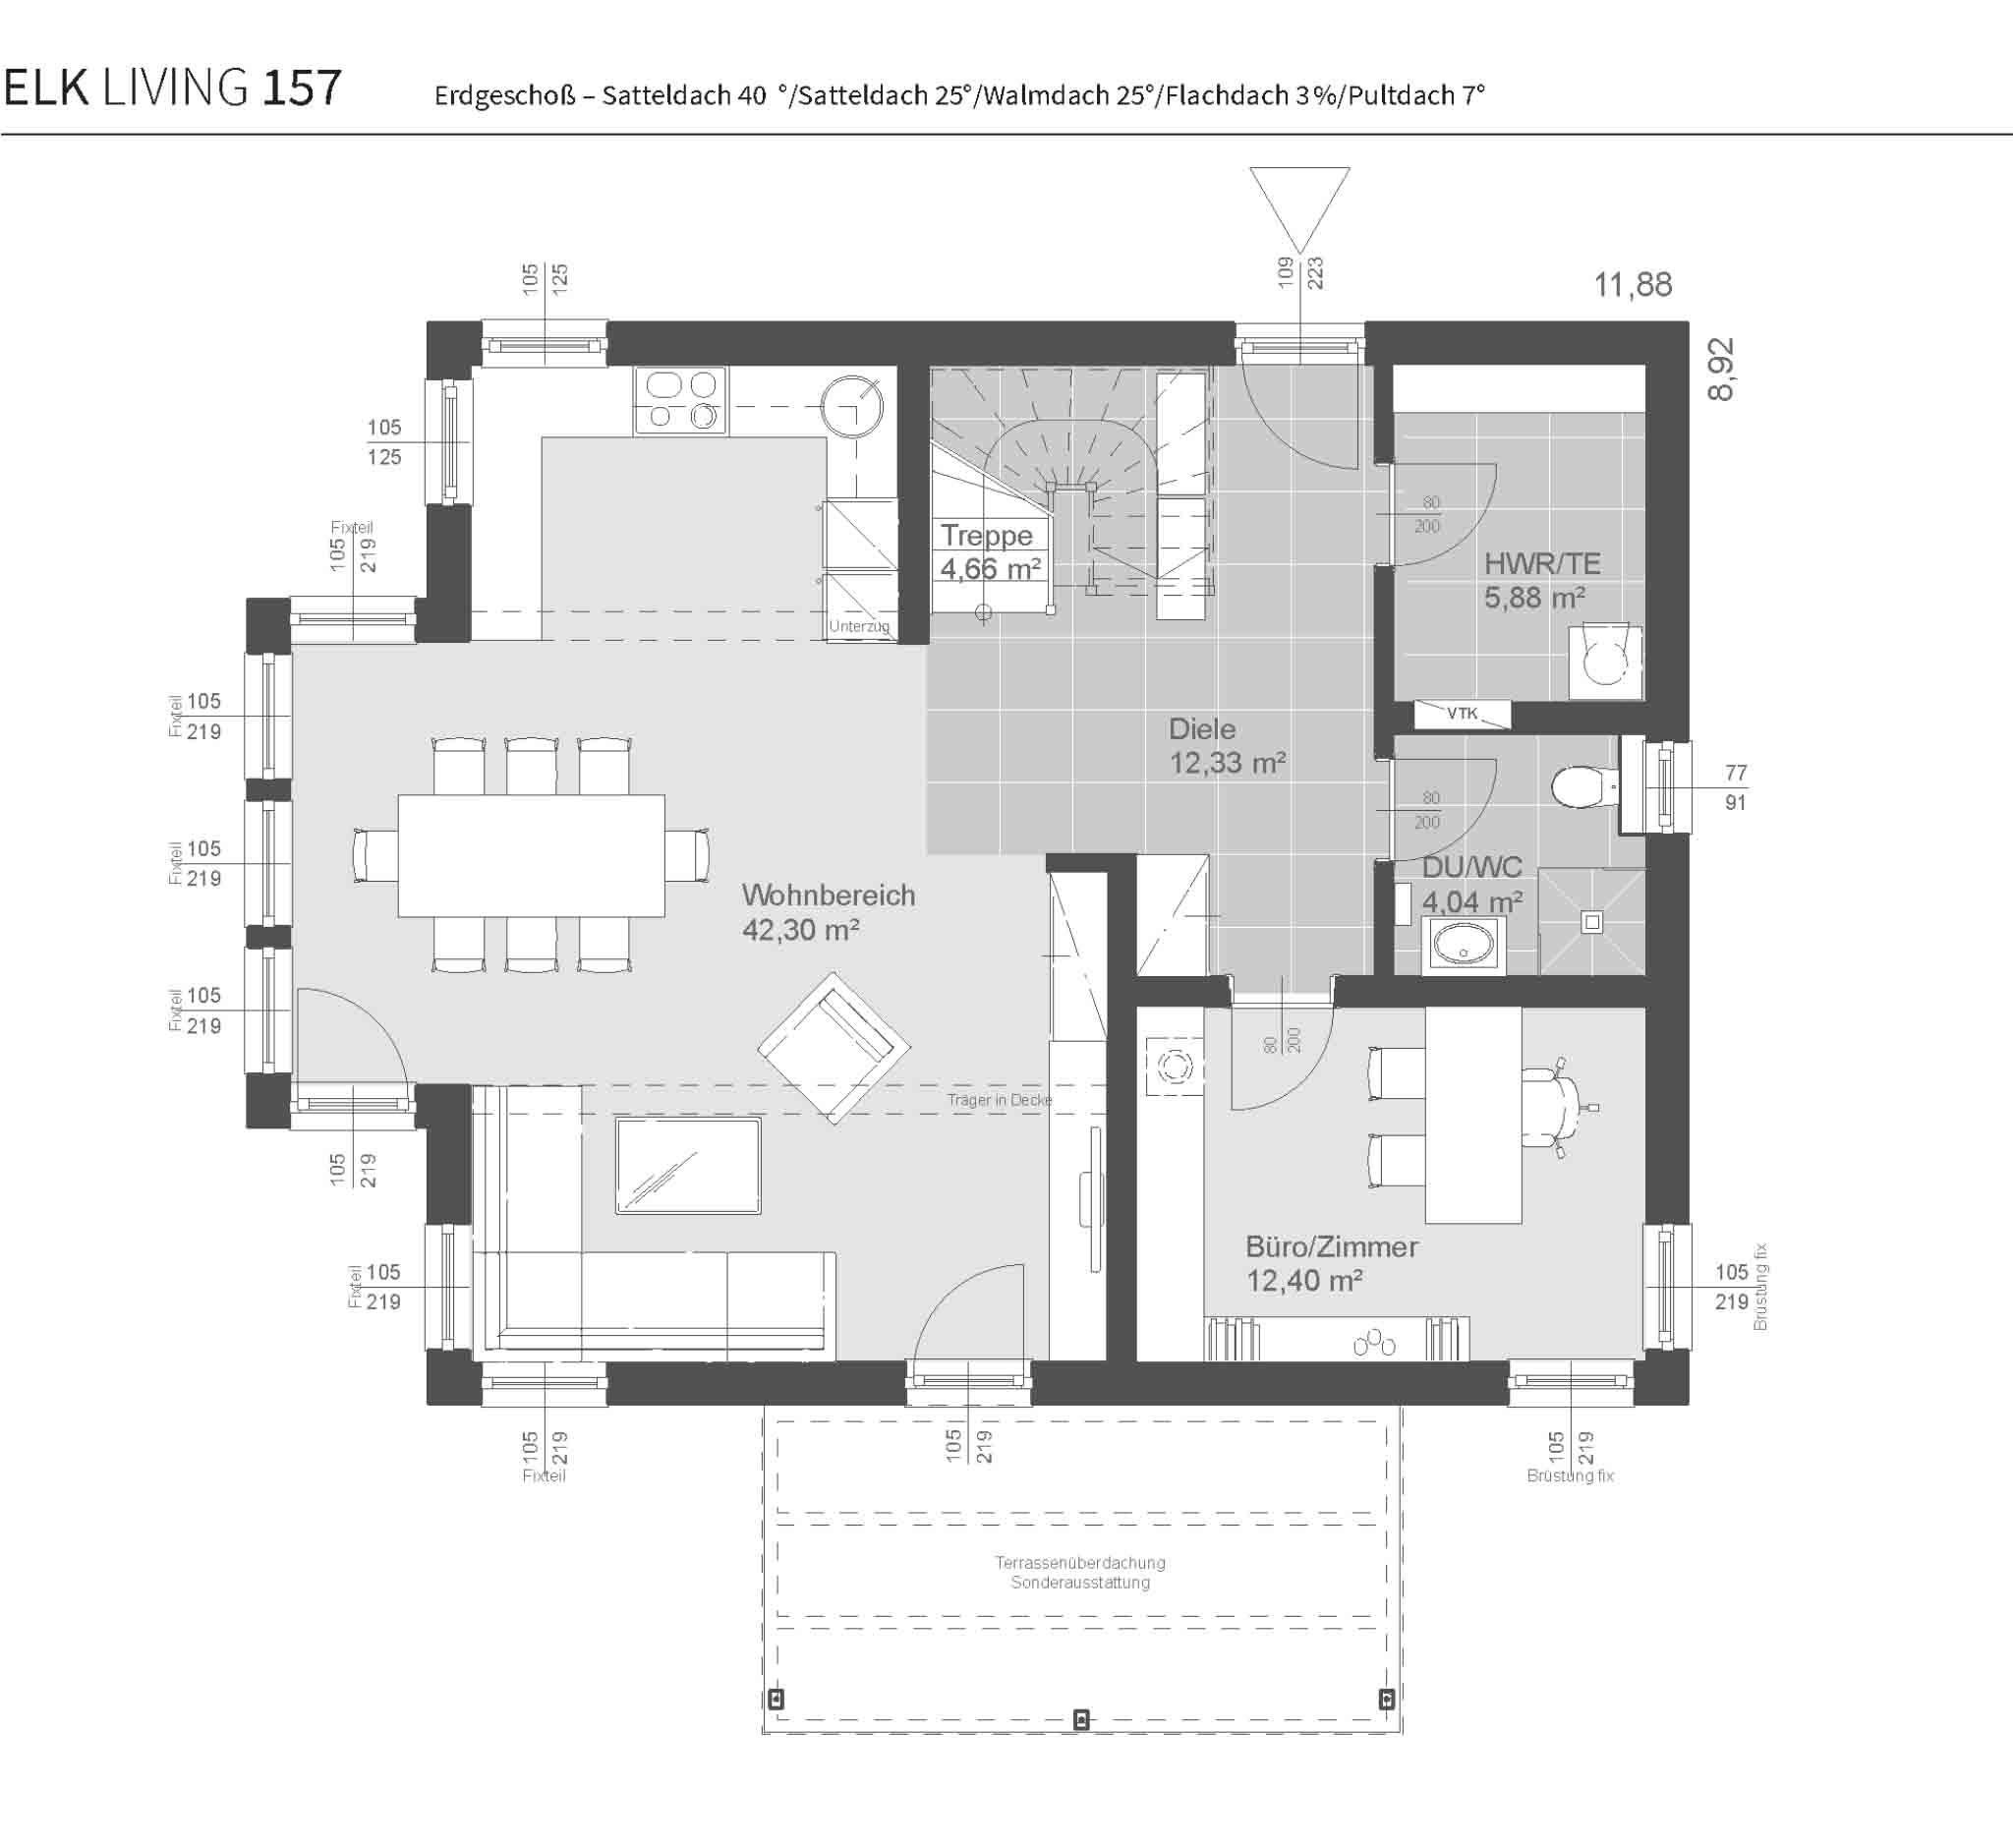 grundriss-fertighaus-elk-living-157-erdgeschoss-satteldach40-satteldach25-walmdach25-flachdach3-pultdach7